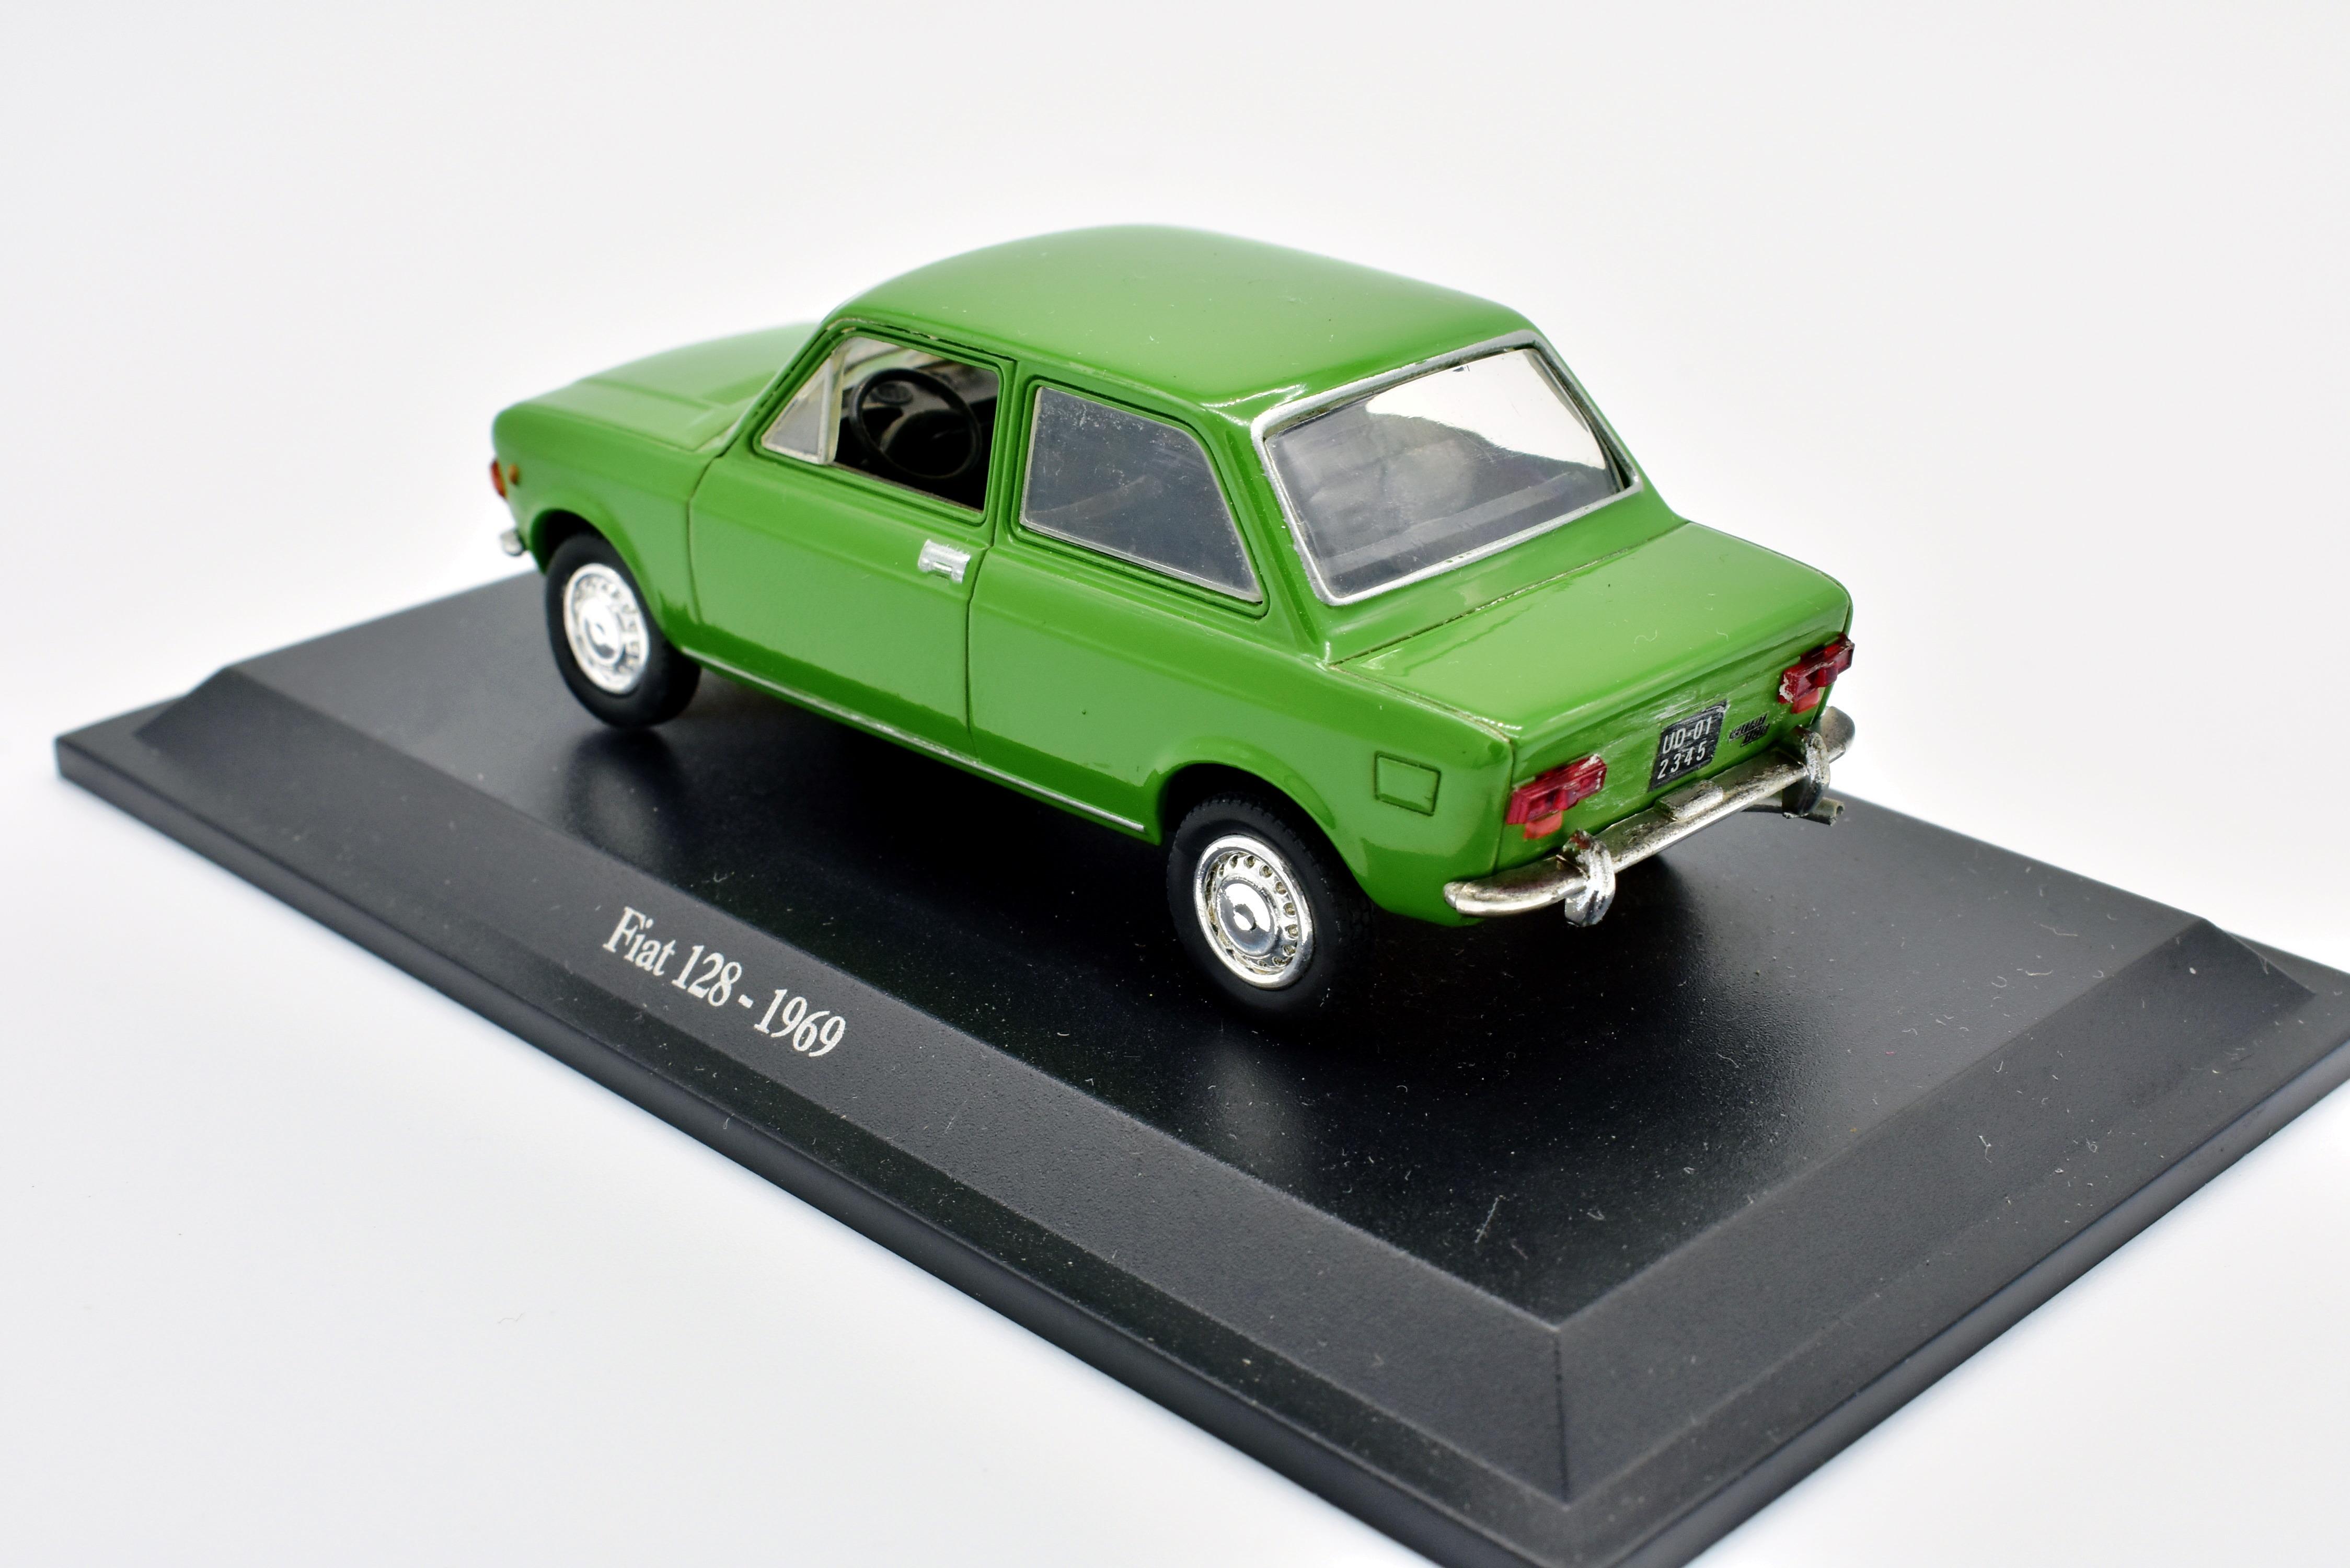 mod le auto fiat 128 chelle 1 43 moul sous pression miniatures voiture model ebay. Black Bedroom Furniture Sets. Home Design Ideas